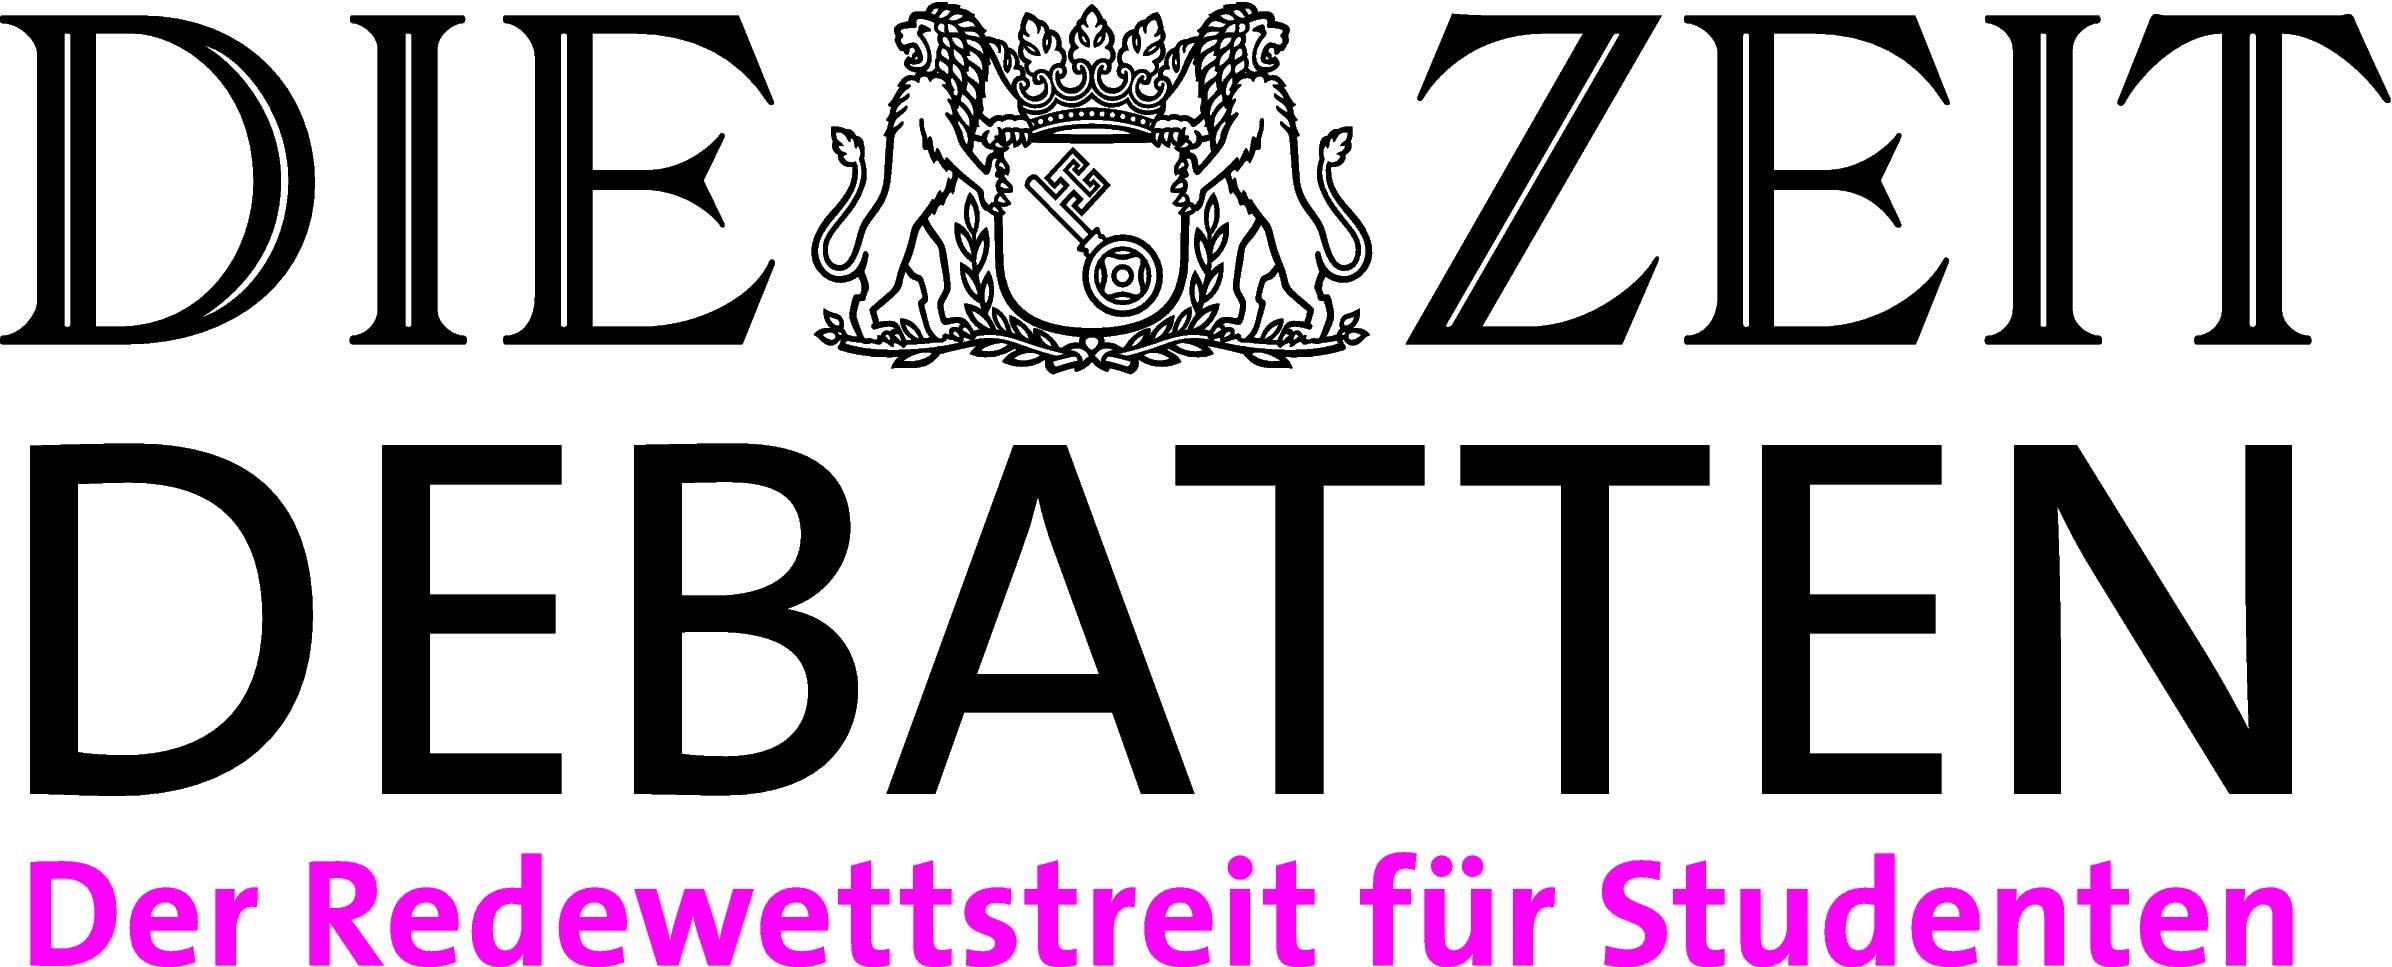 ZEIT_DEBATTEN_Logo_s